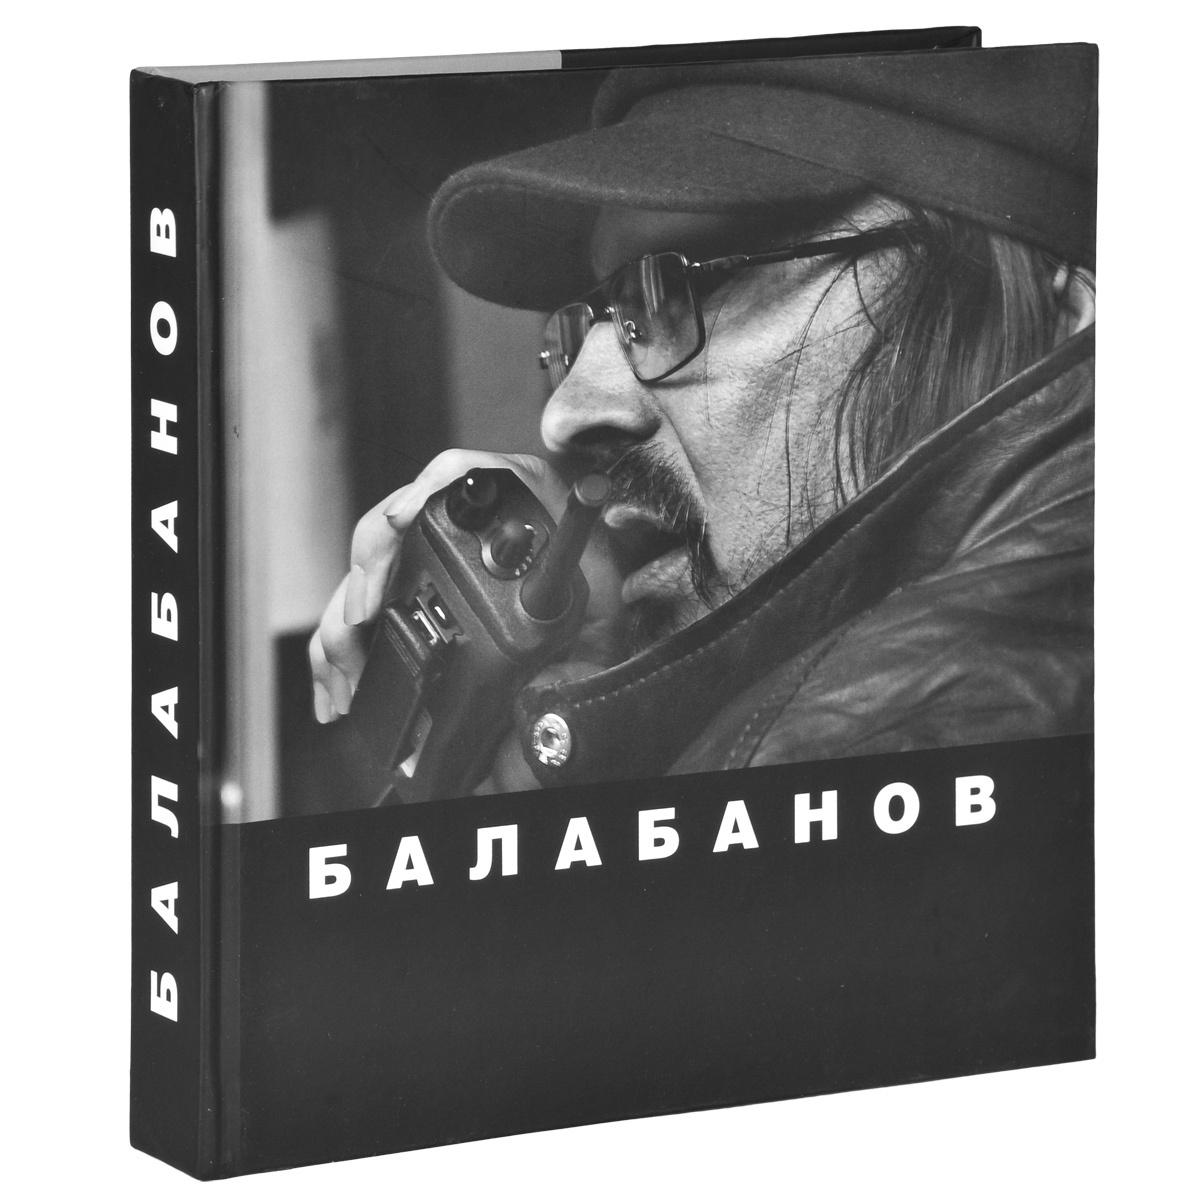 Балабанов #1